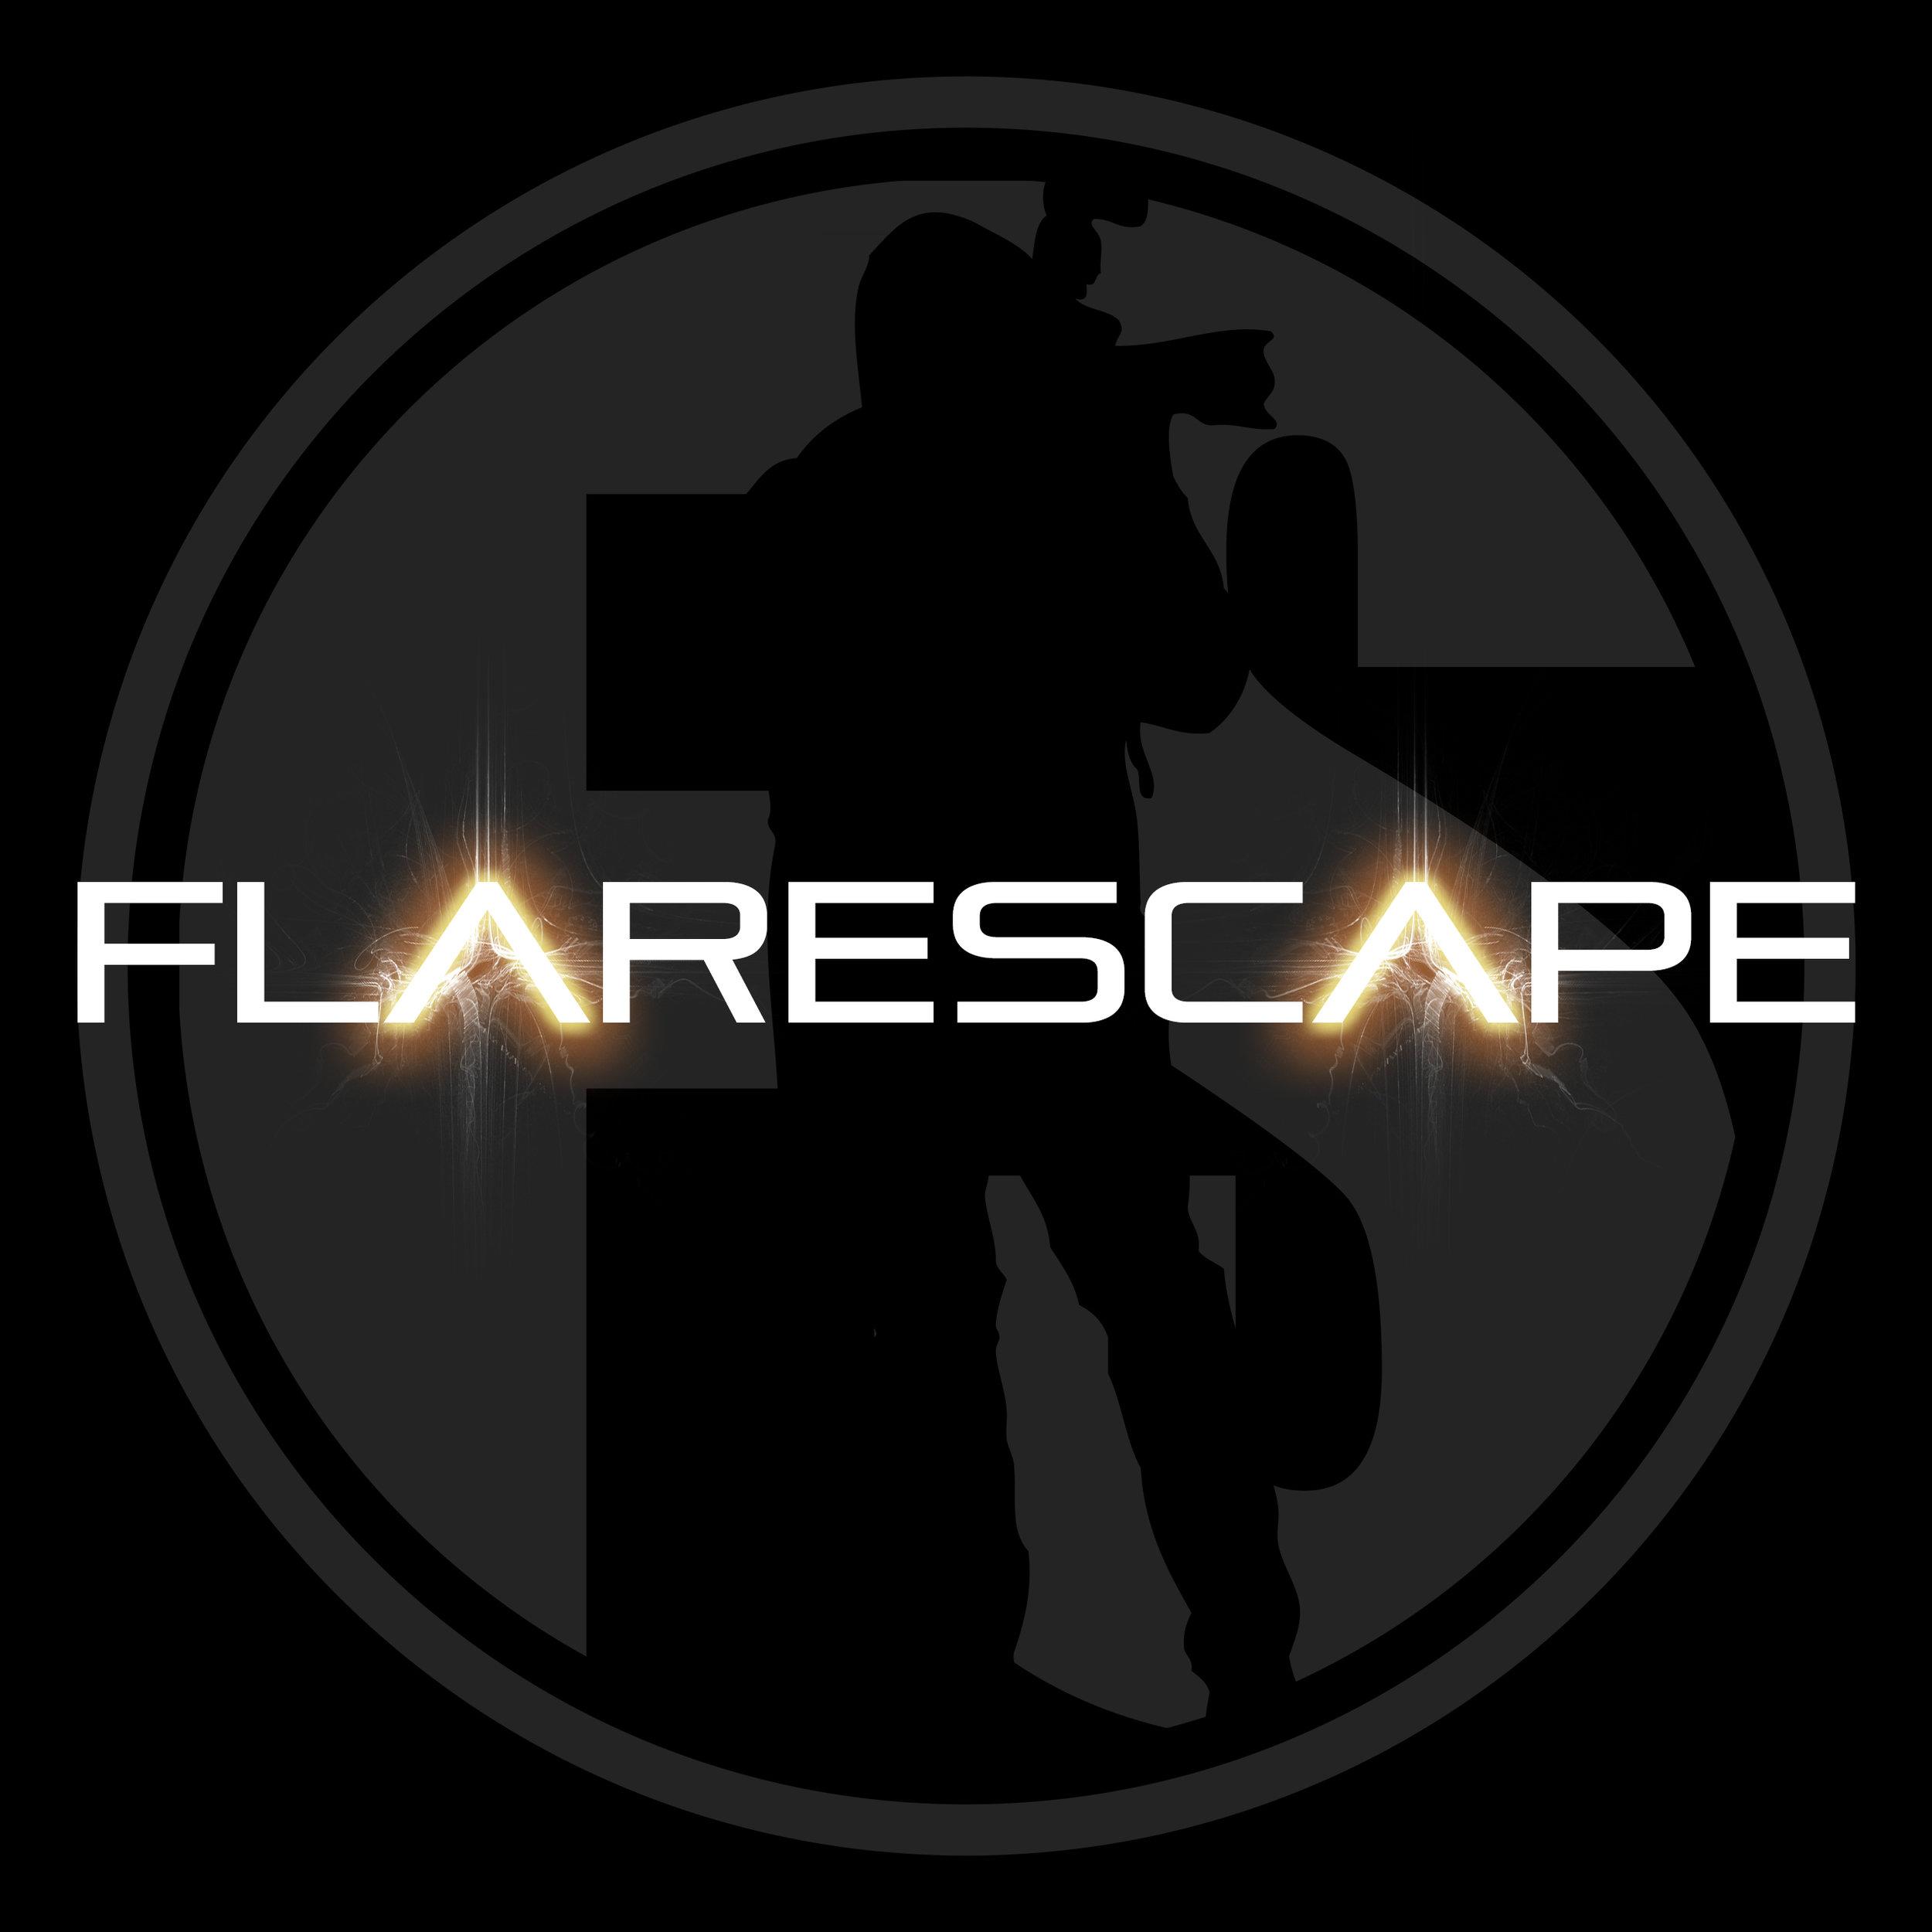 applicazione definitiva logo nero design brand